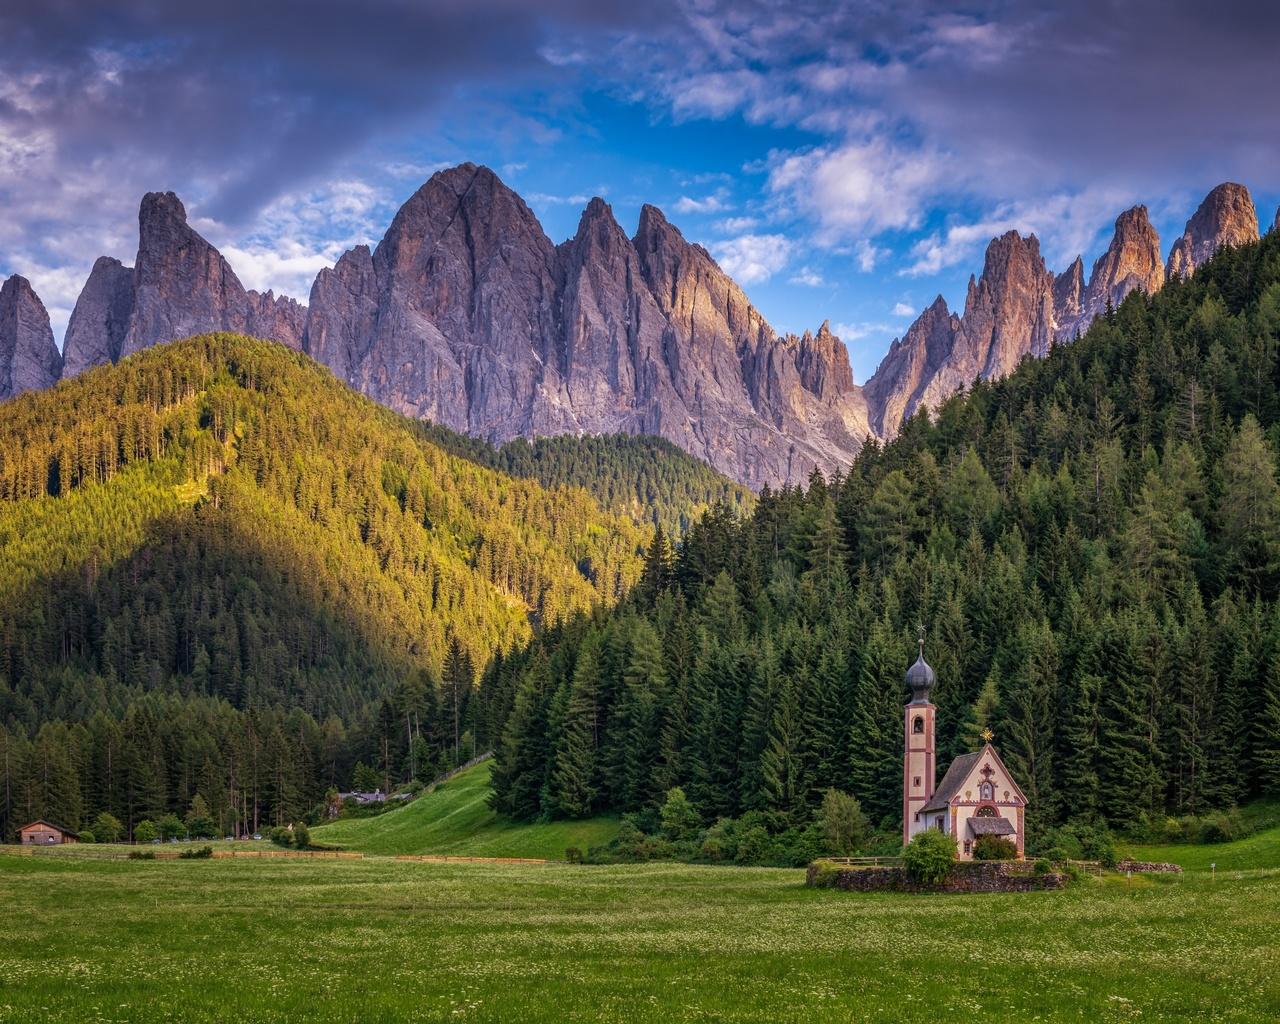 горы, леса, церковь, италия, альпы, доломиты